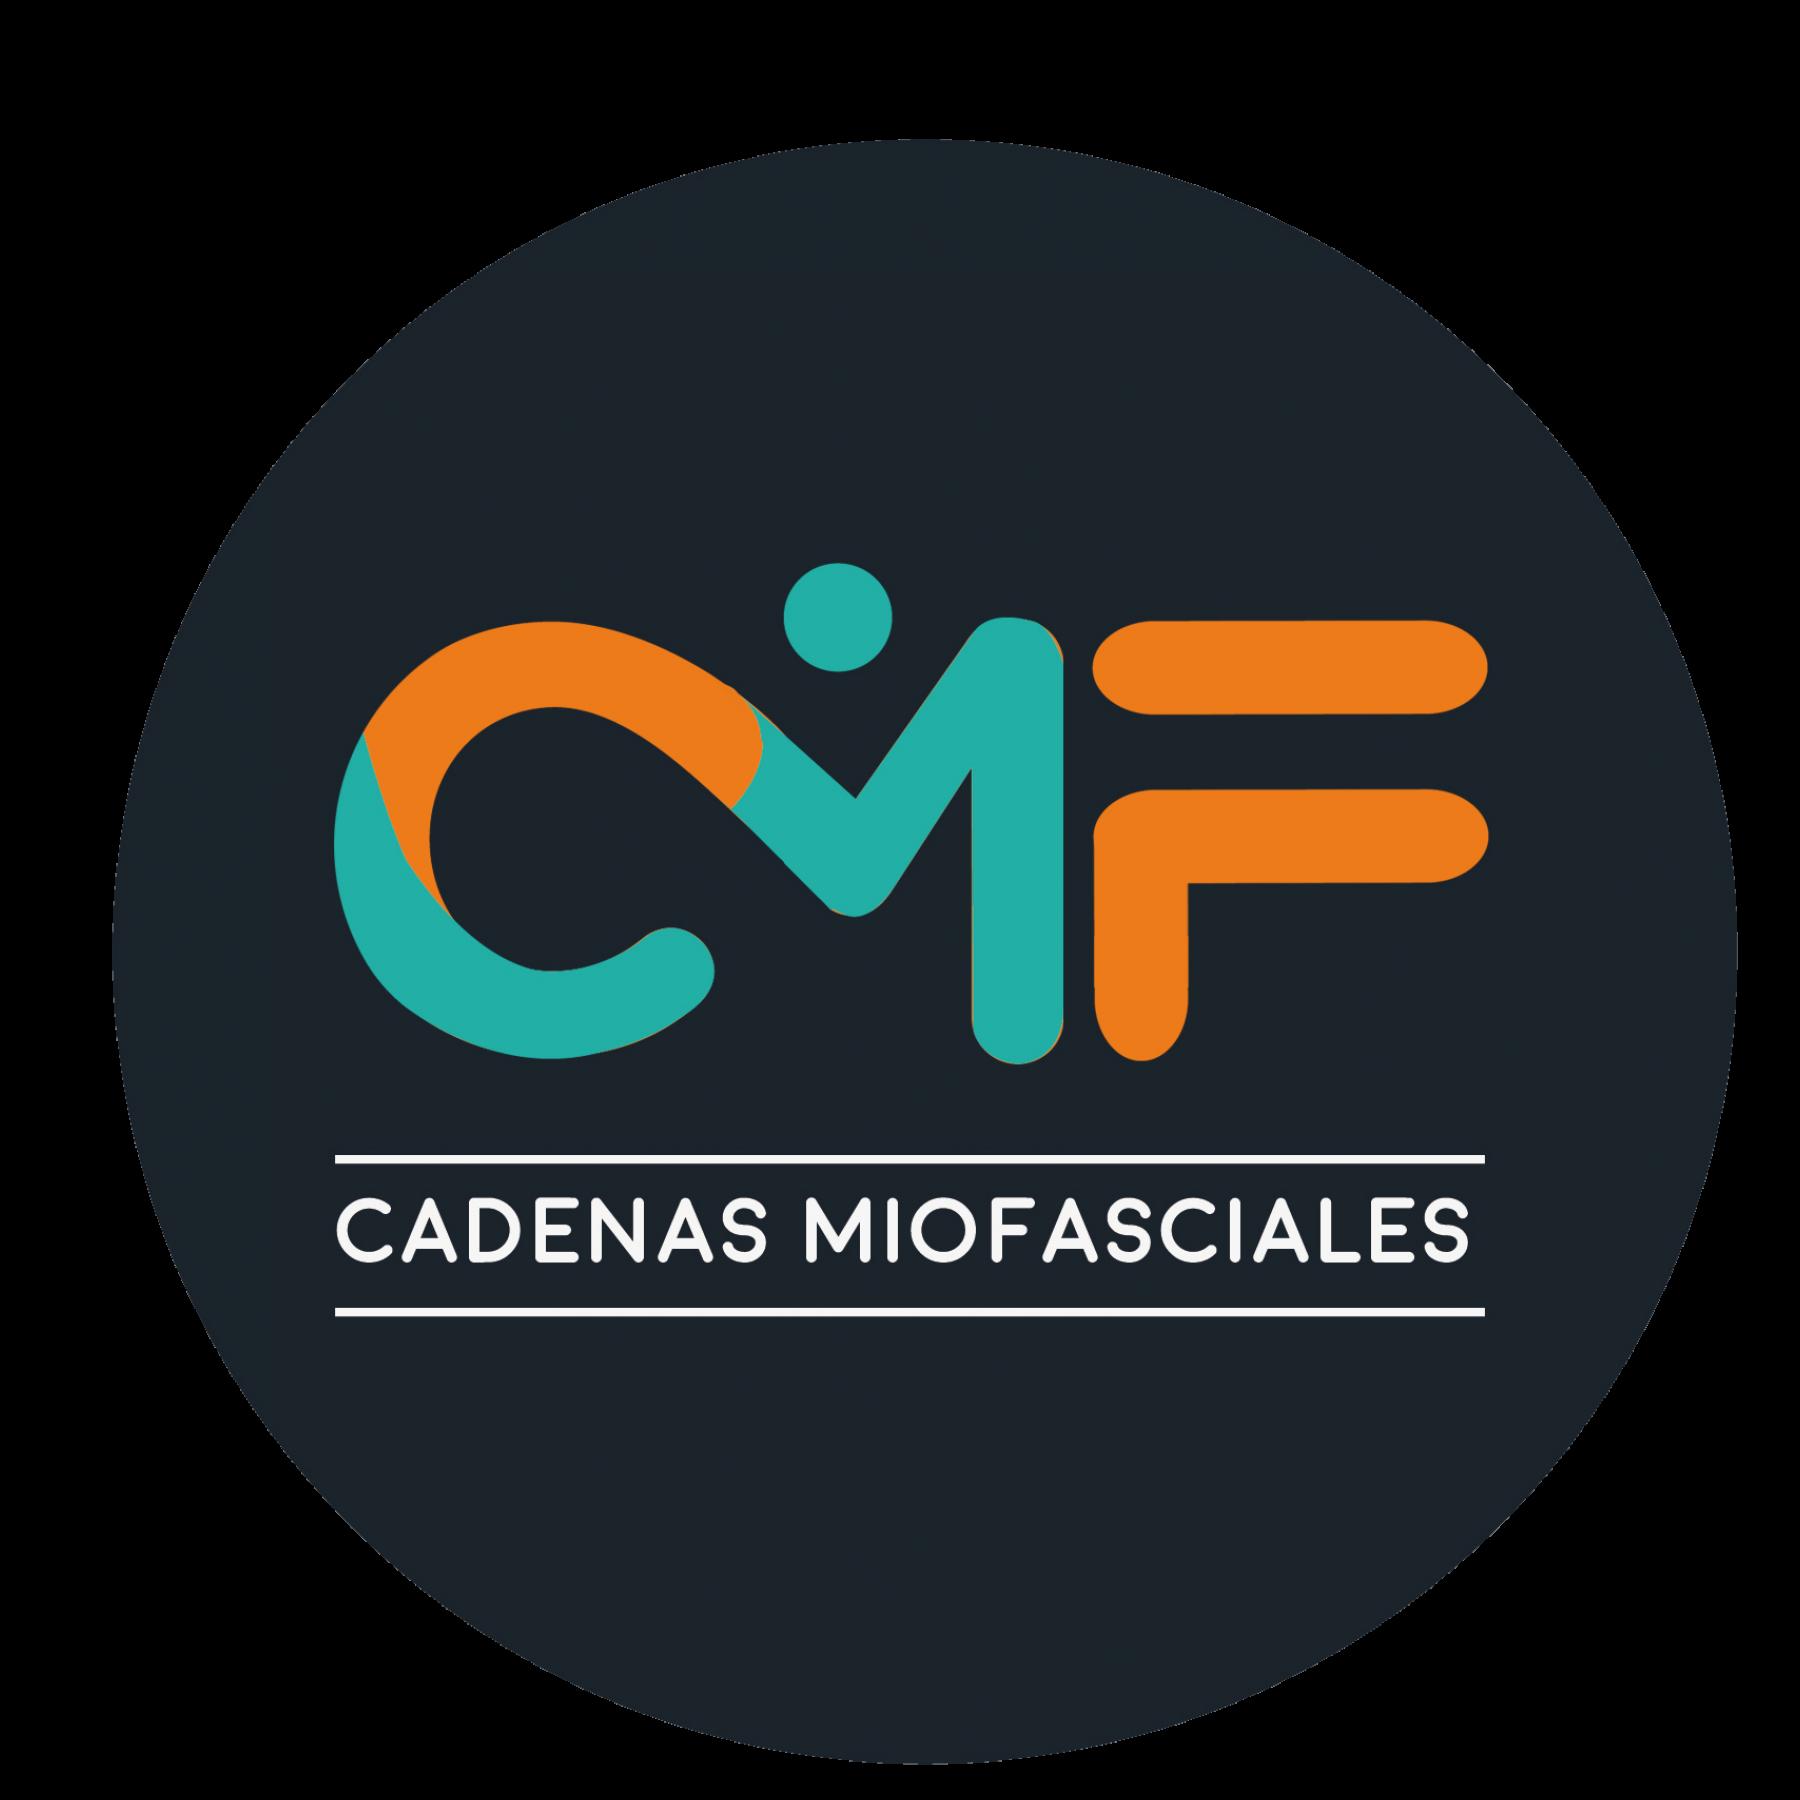 cadenas-miofasciales-logo-2